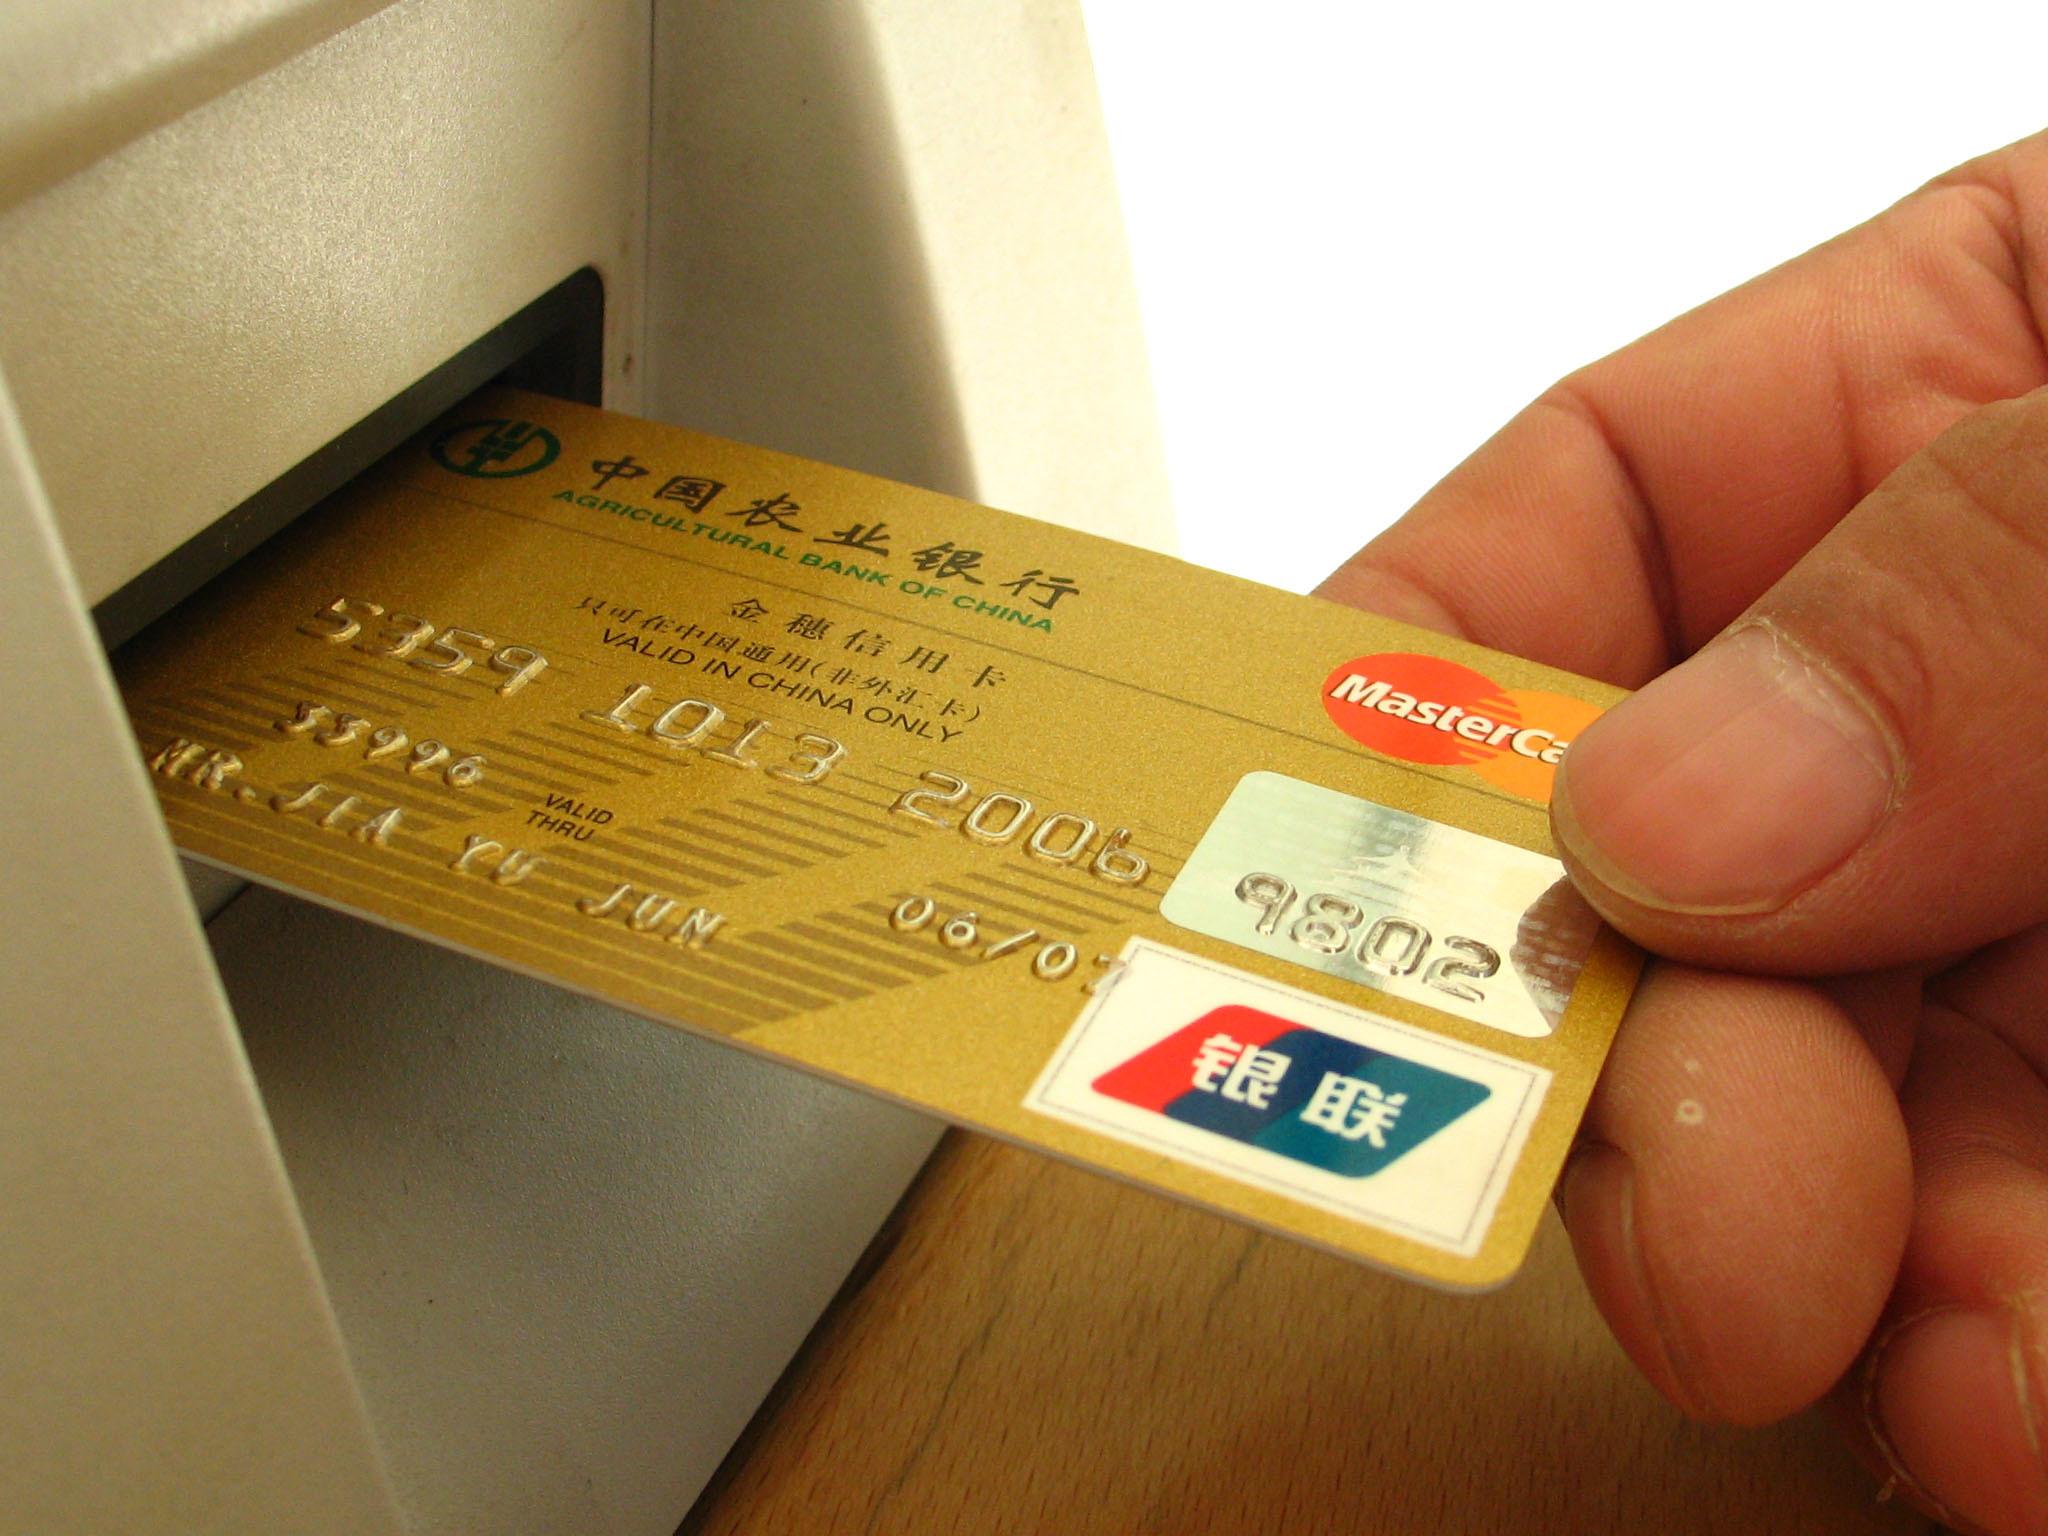 4张能帮你提额的信用卡,没办的可以去办了!